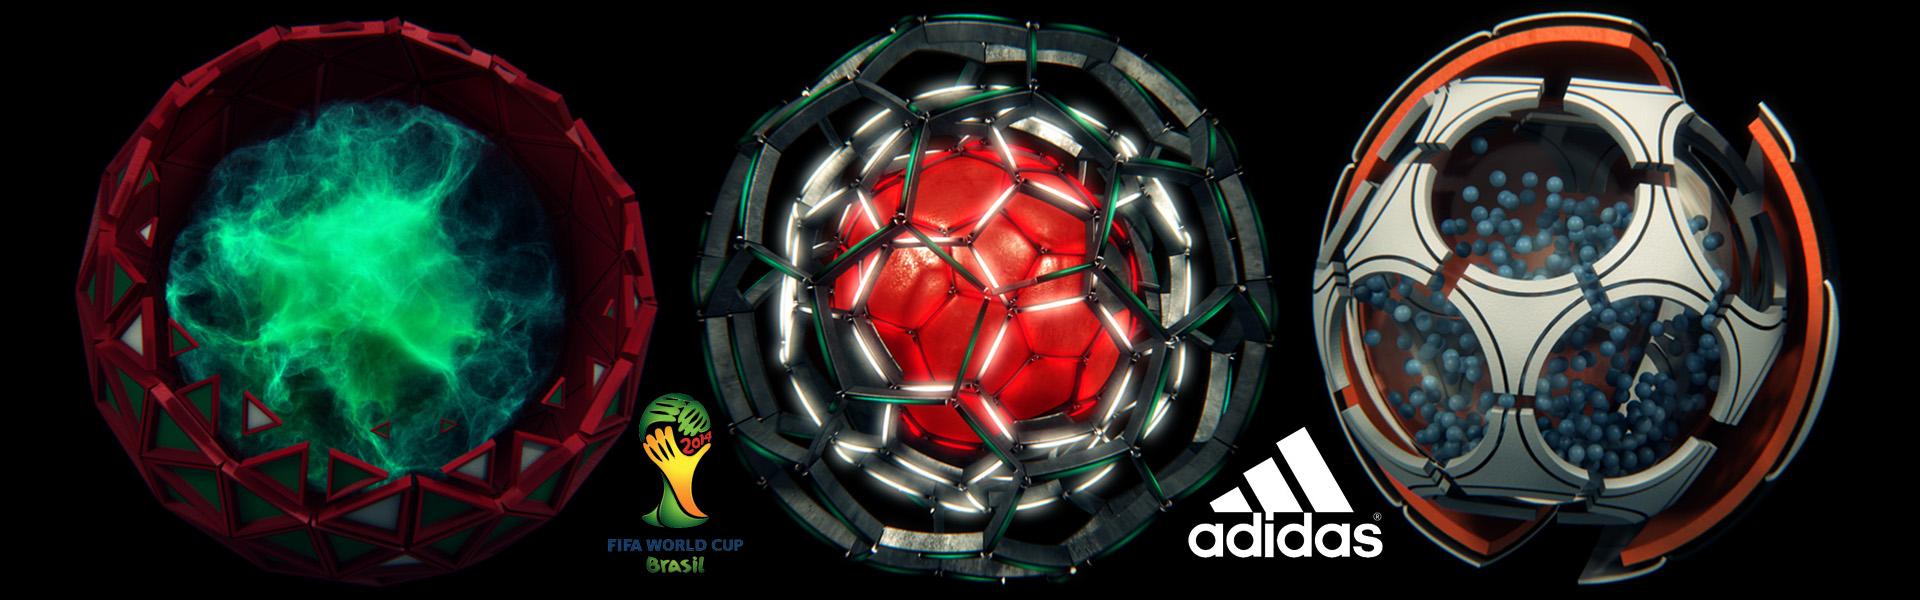 adidas_home23